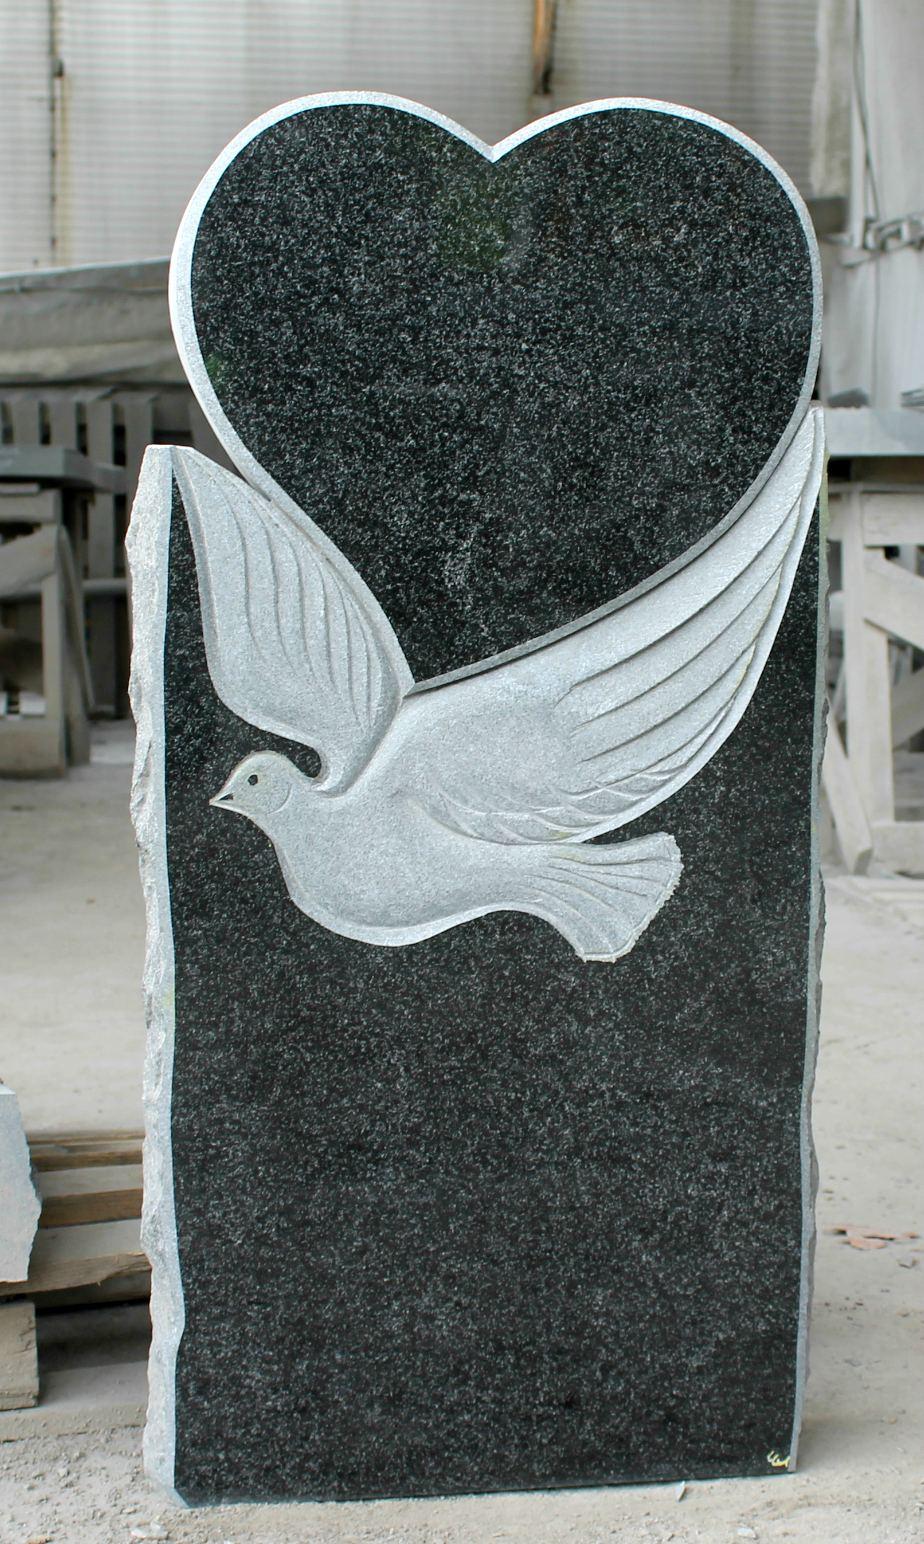 Памятник с голубем и сердцем